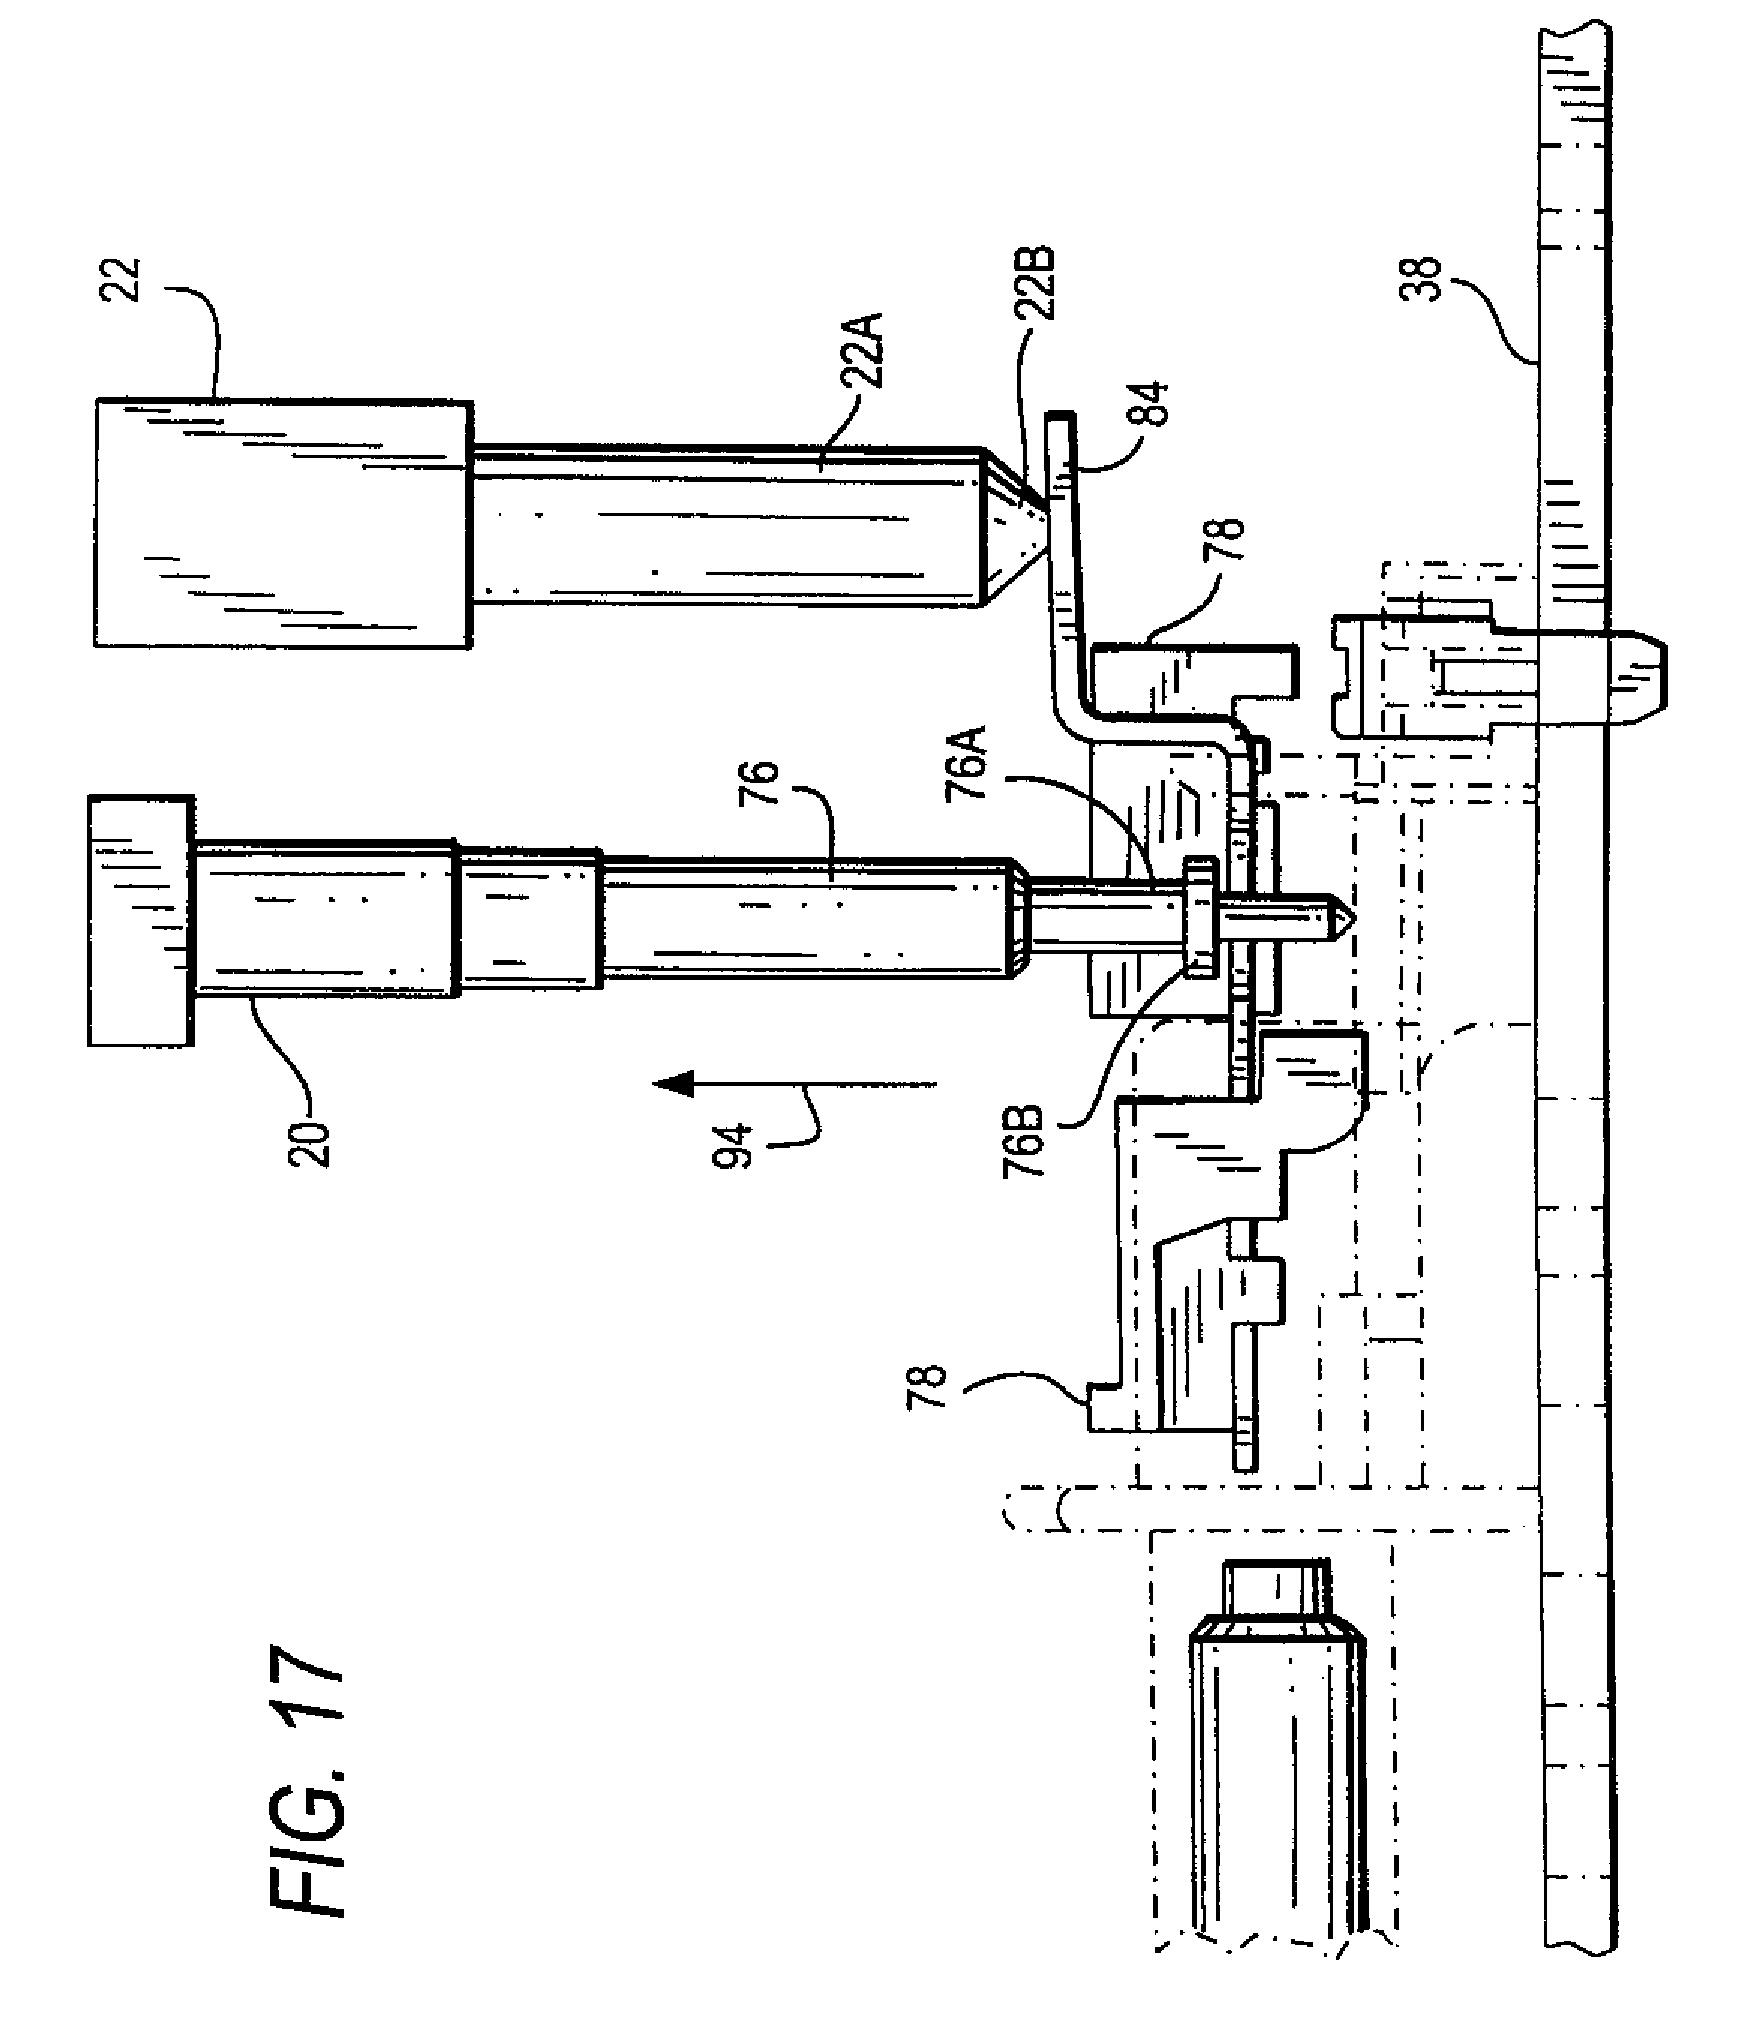 patent us7558034